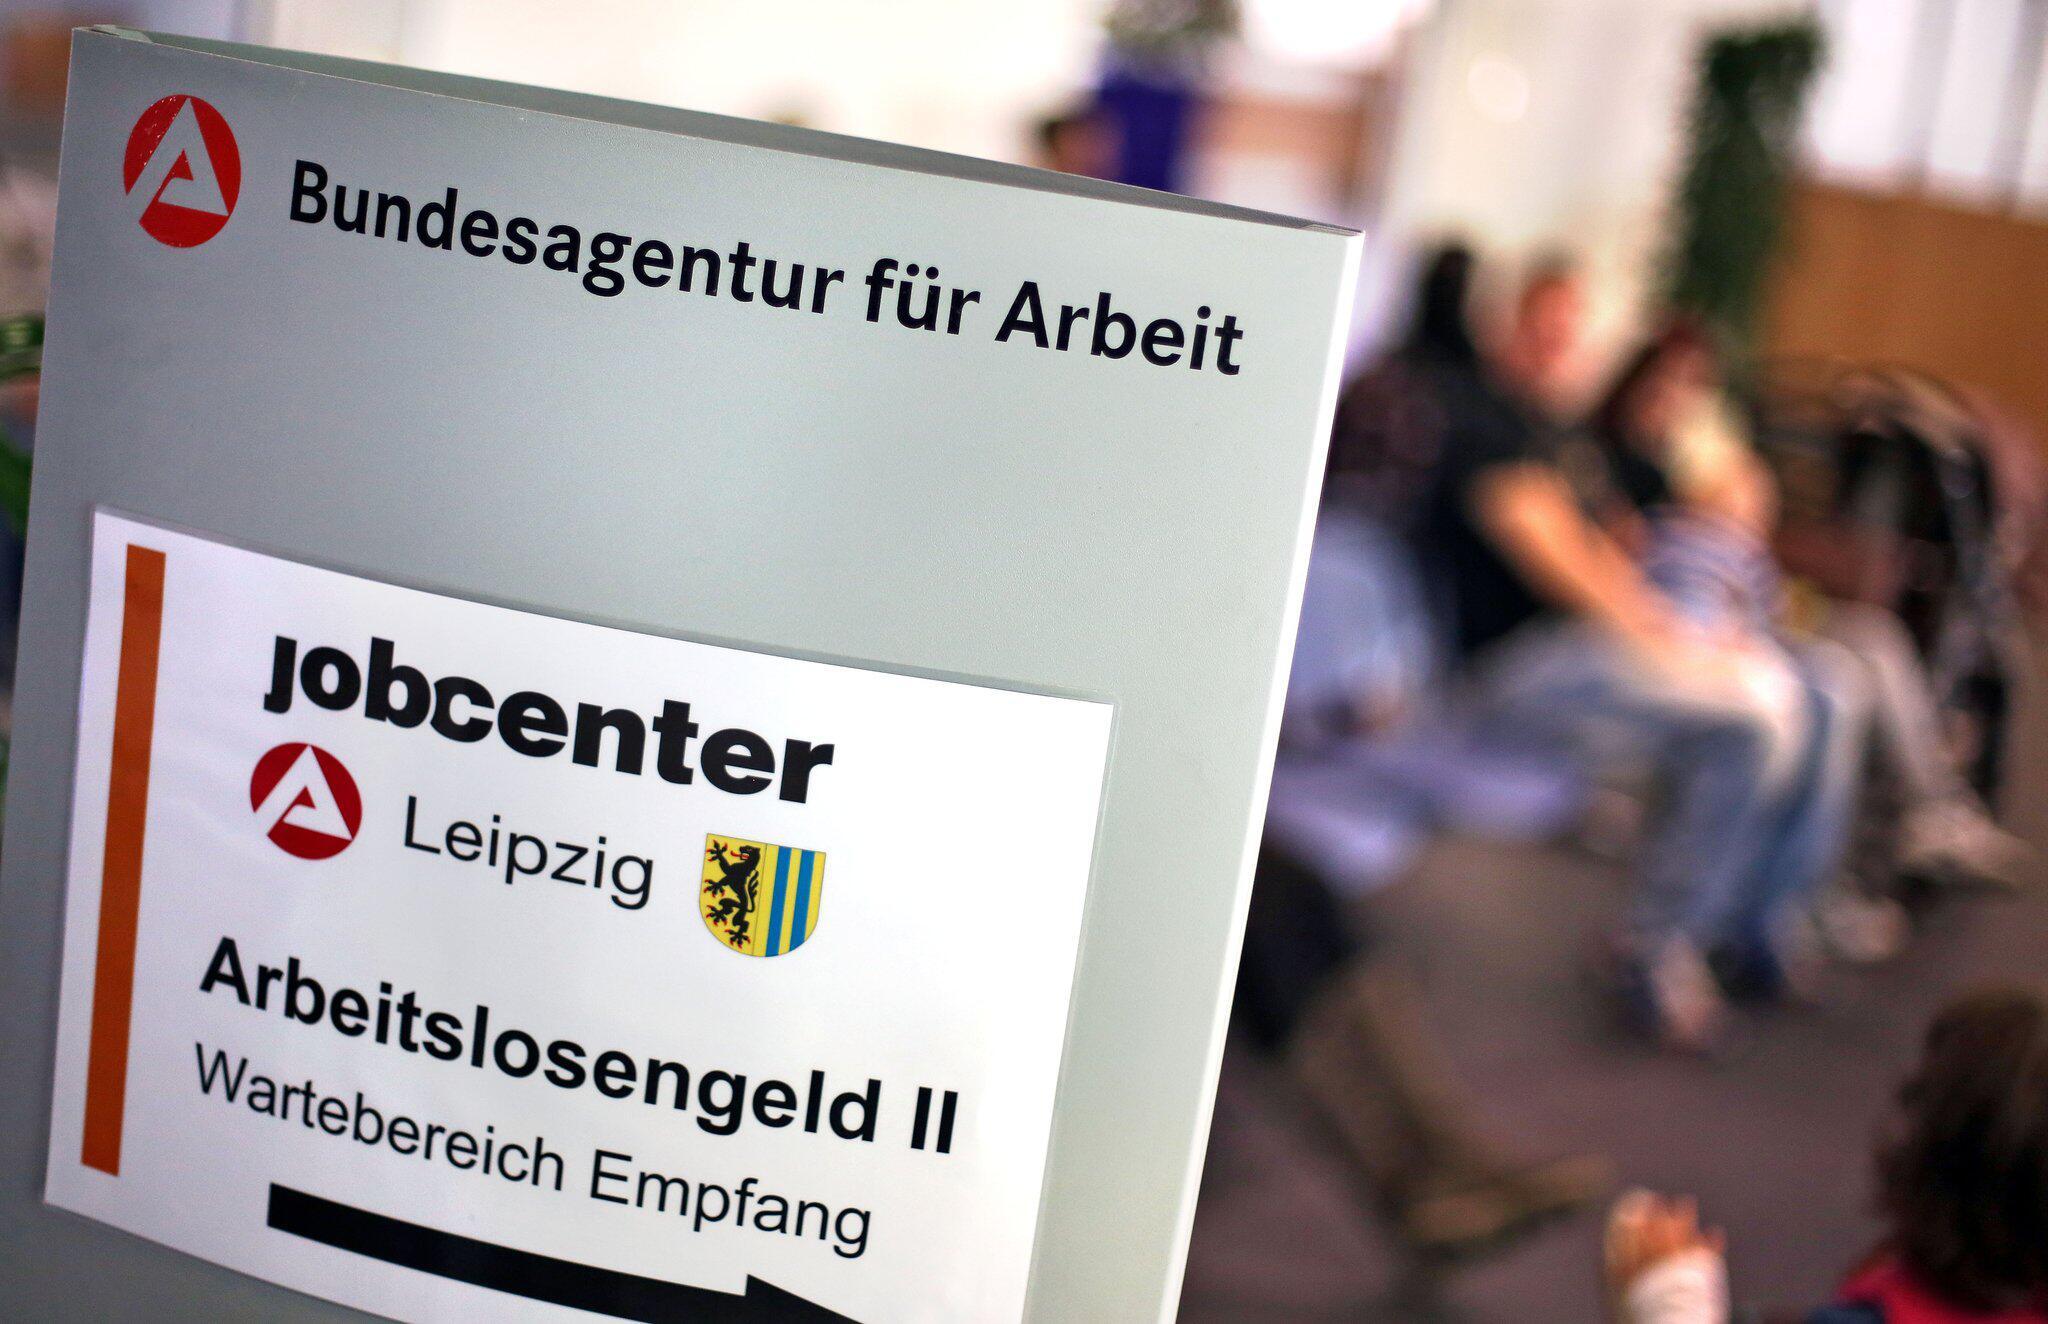 Bild zu Bekanntgabe der Arbeitsmarktzahlen Sachsen für April 2018